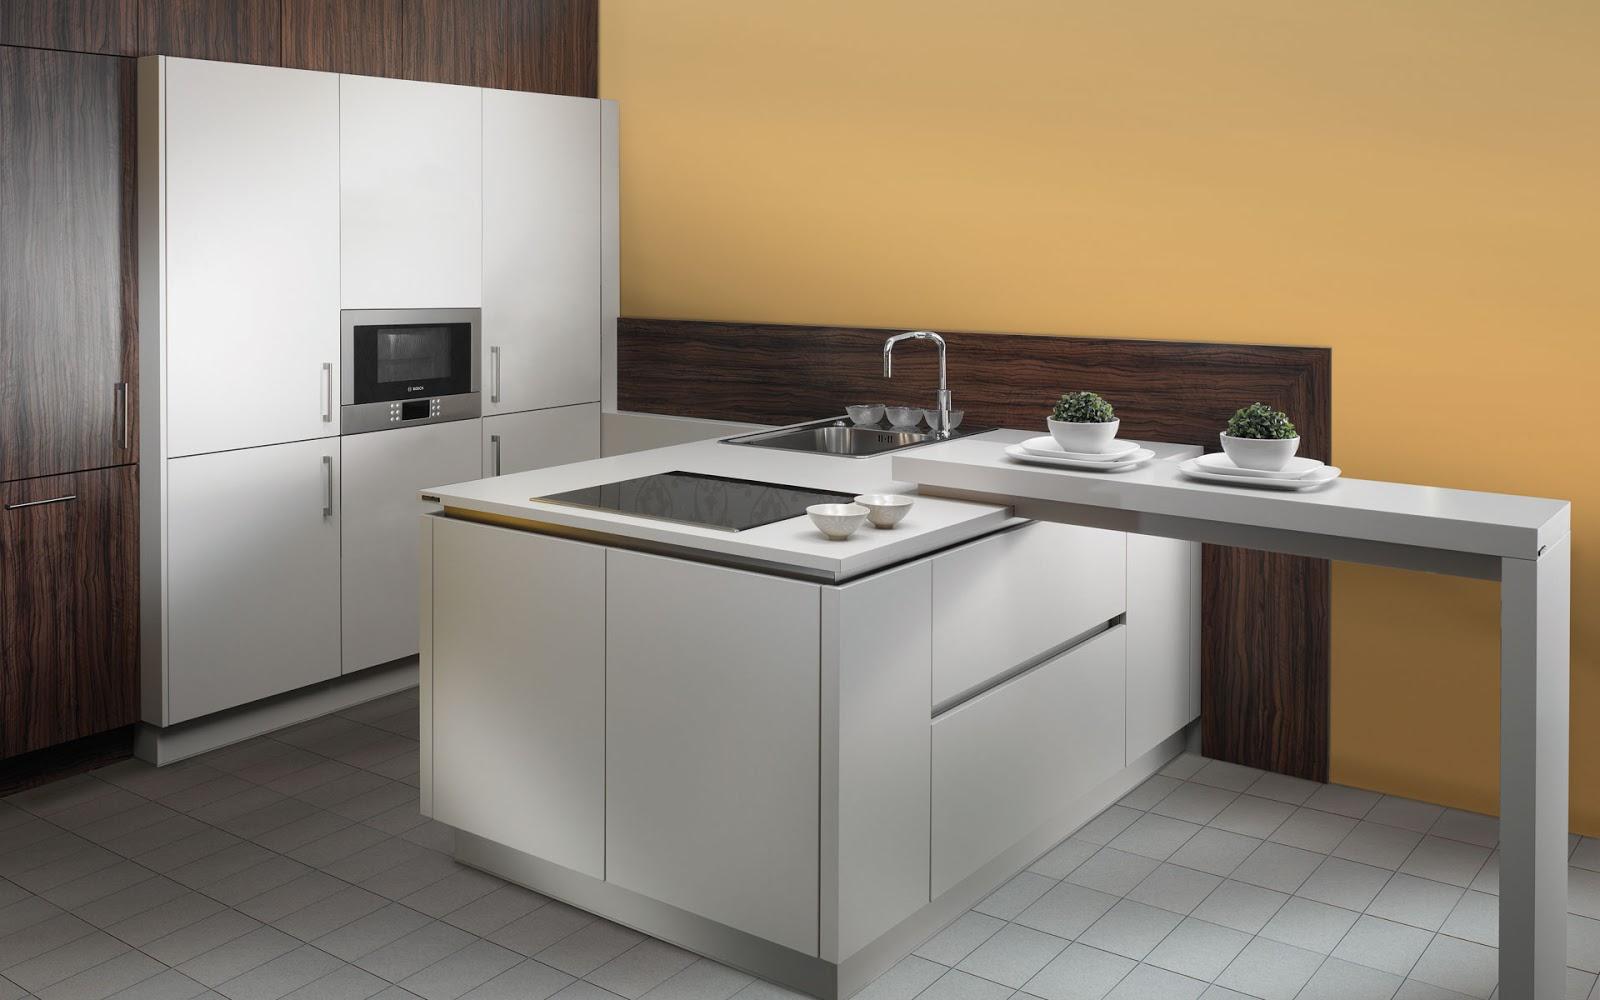 Mesas y barras para cocina arcomobel - Mesas de cocinas ...